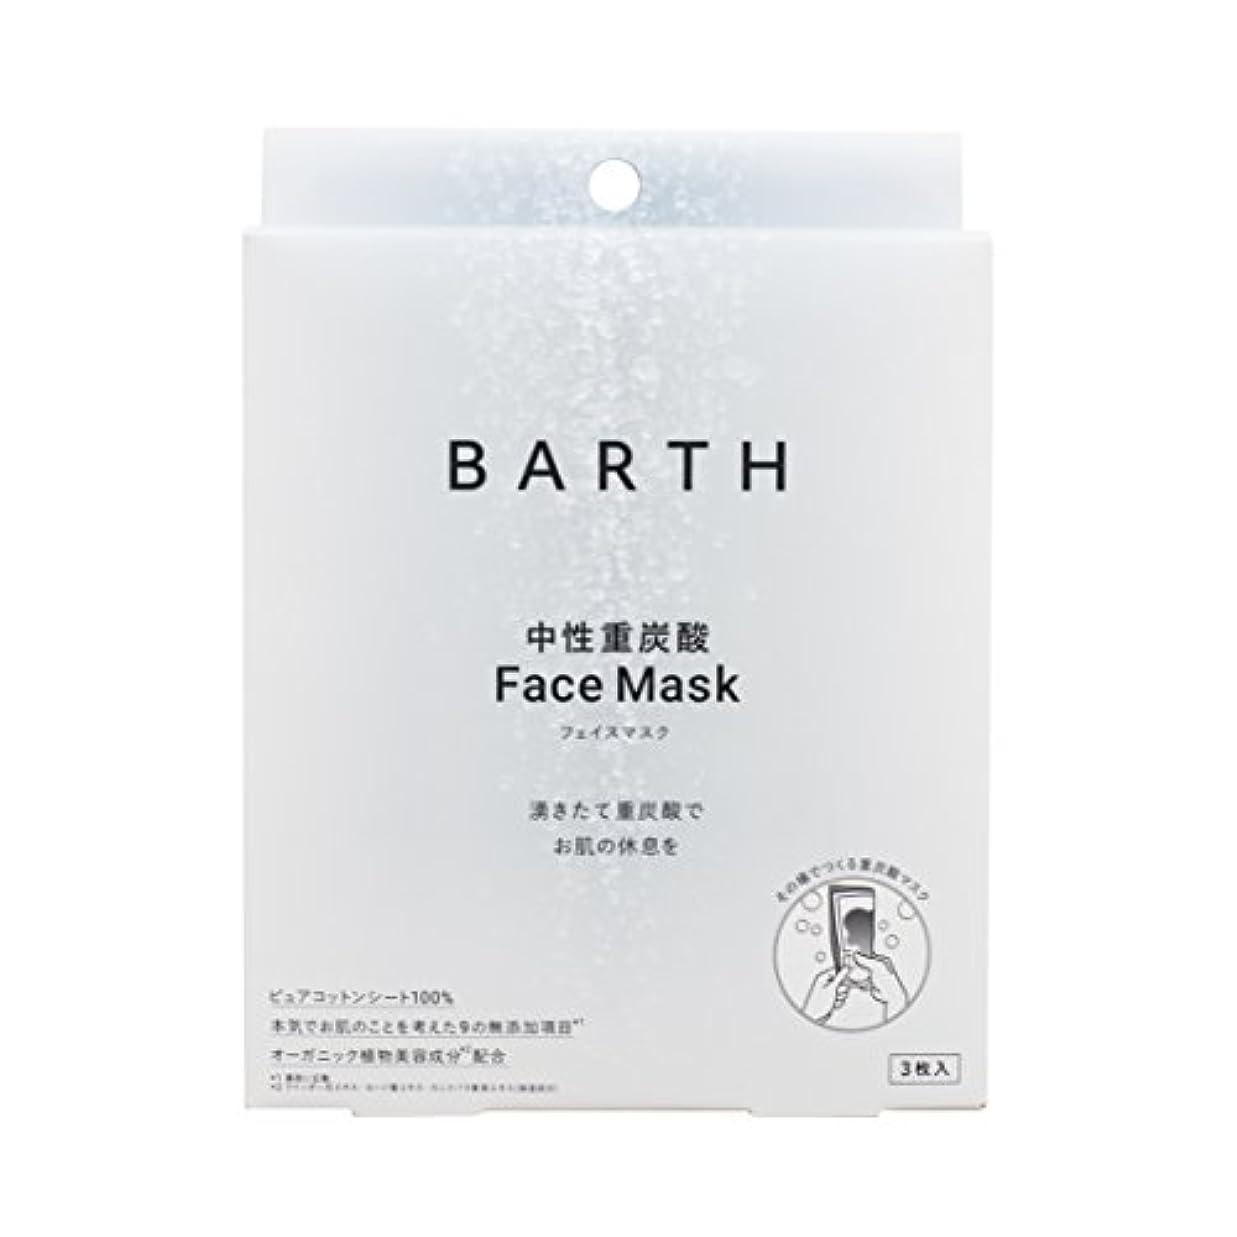 五十配当彫るBARTH【バース】 中性 重炭酸 フェイスマスク (無添加 日本製 ピュアコットン 100% オーガニック植物美容成分3種入り) (3包入り)